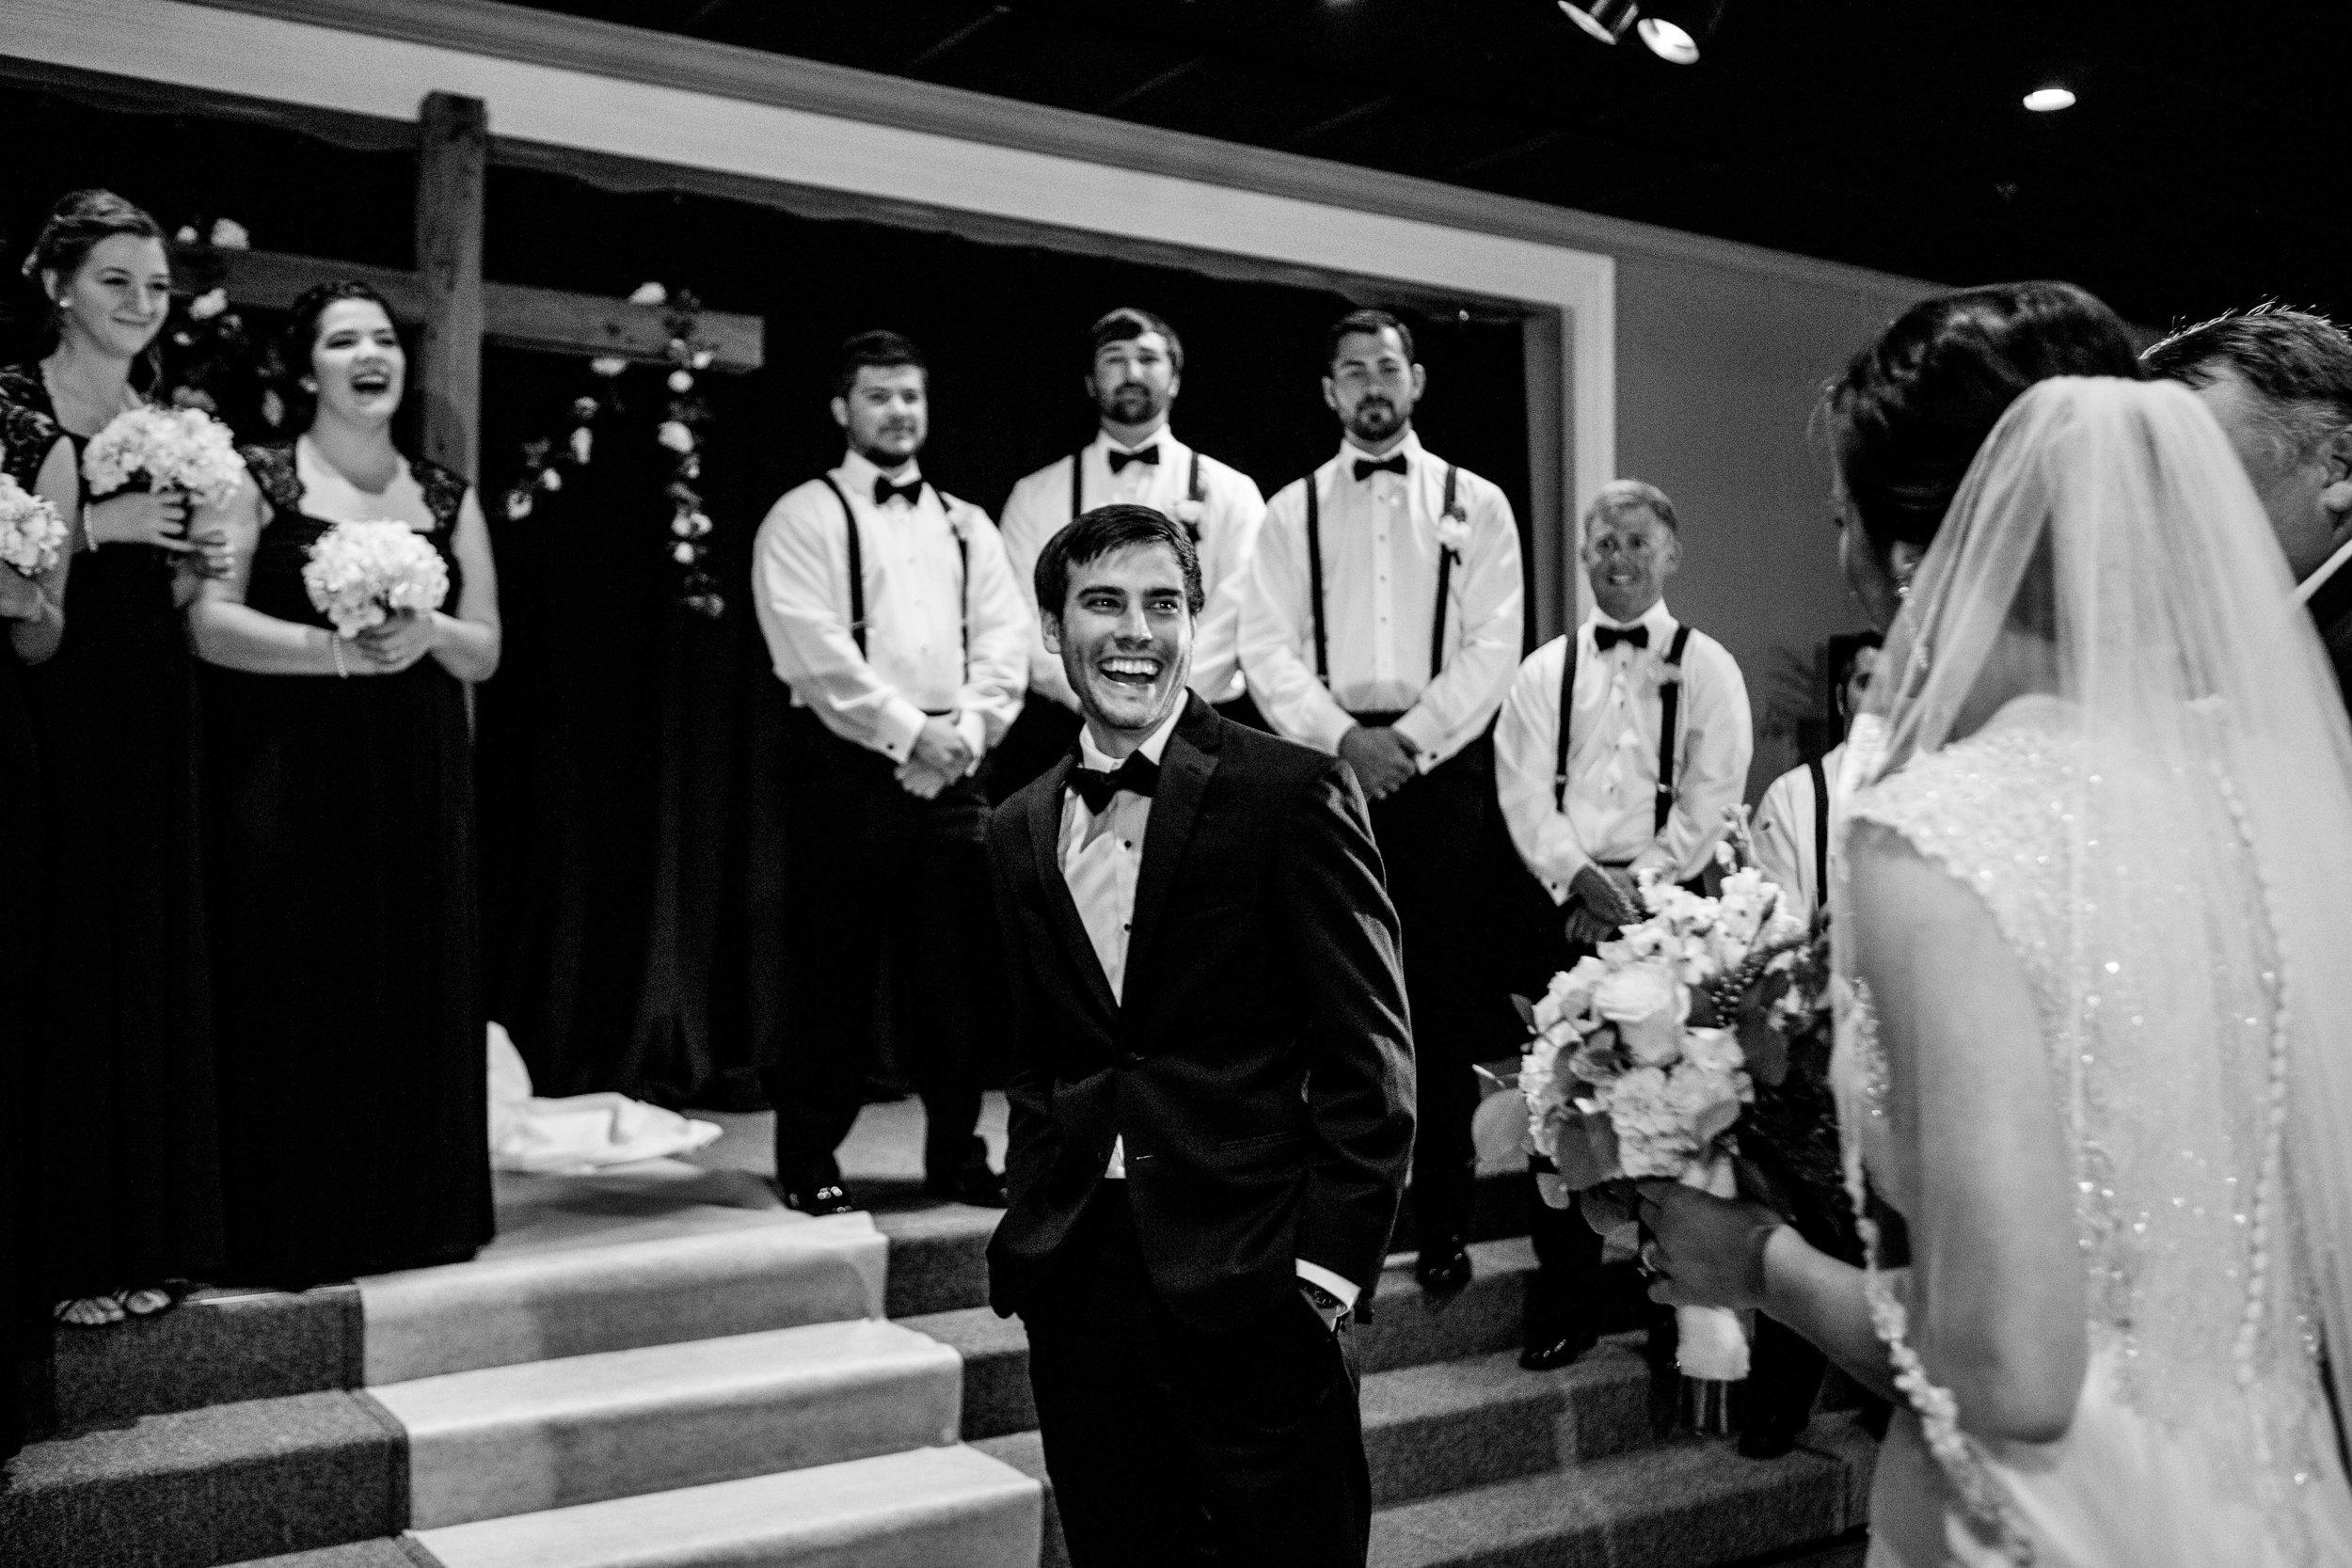 Frist look, groom sees his bride